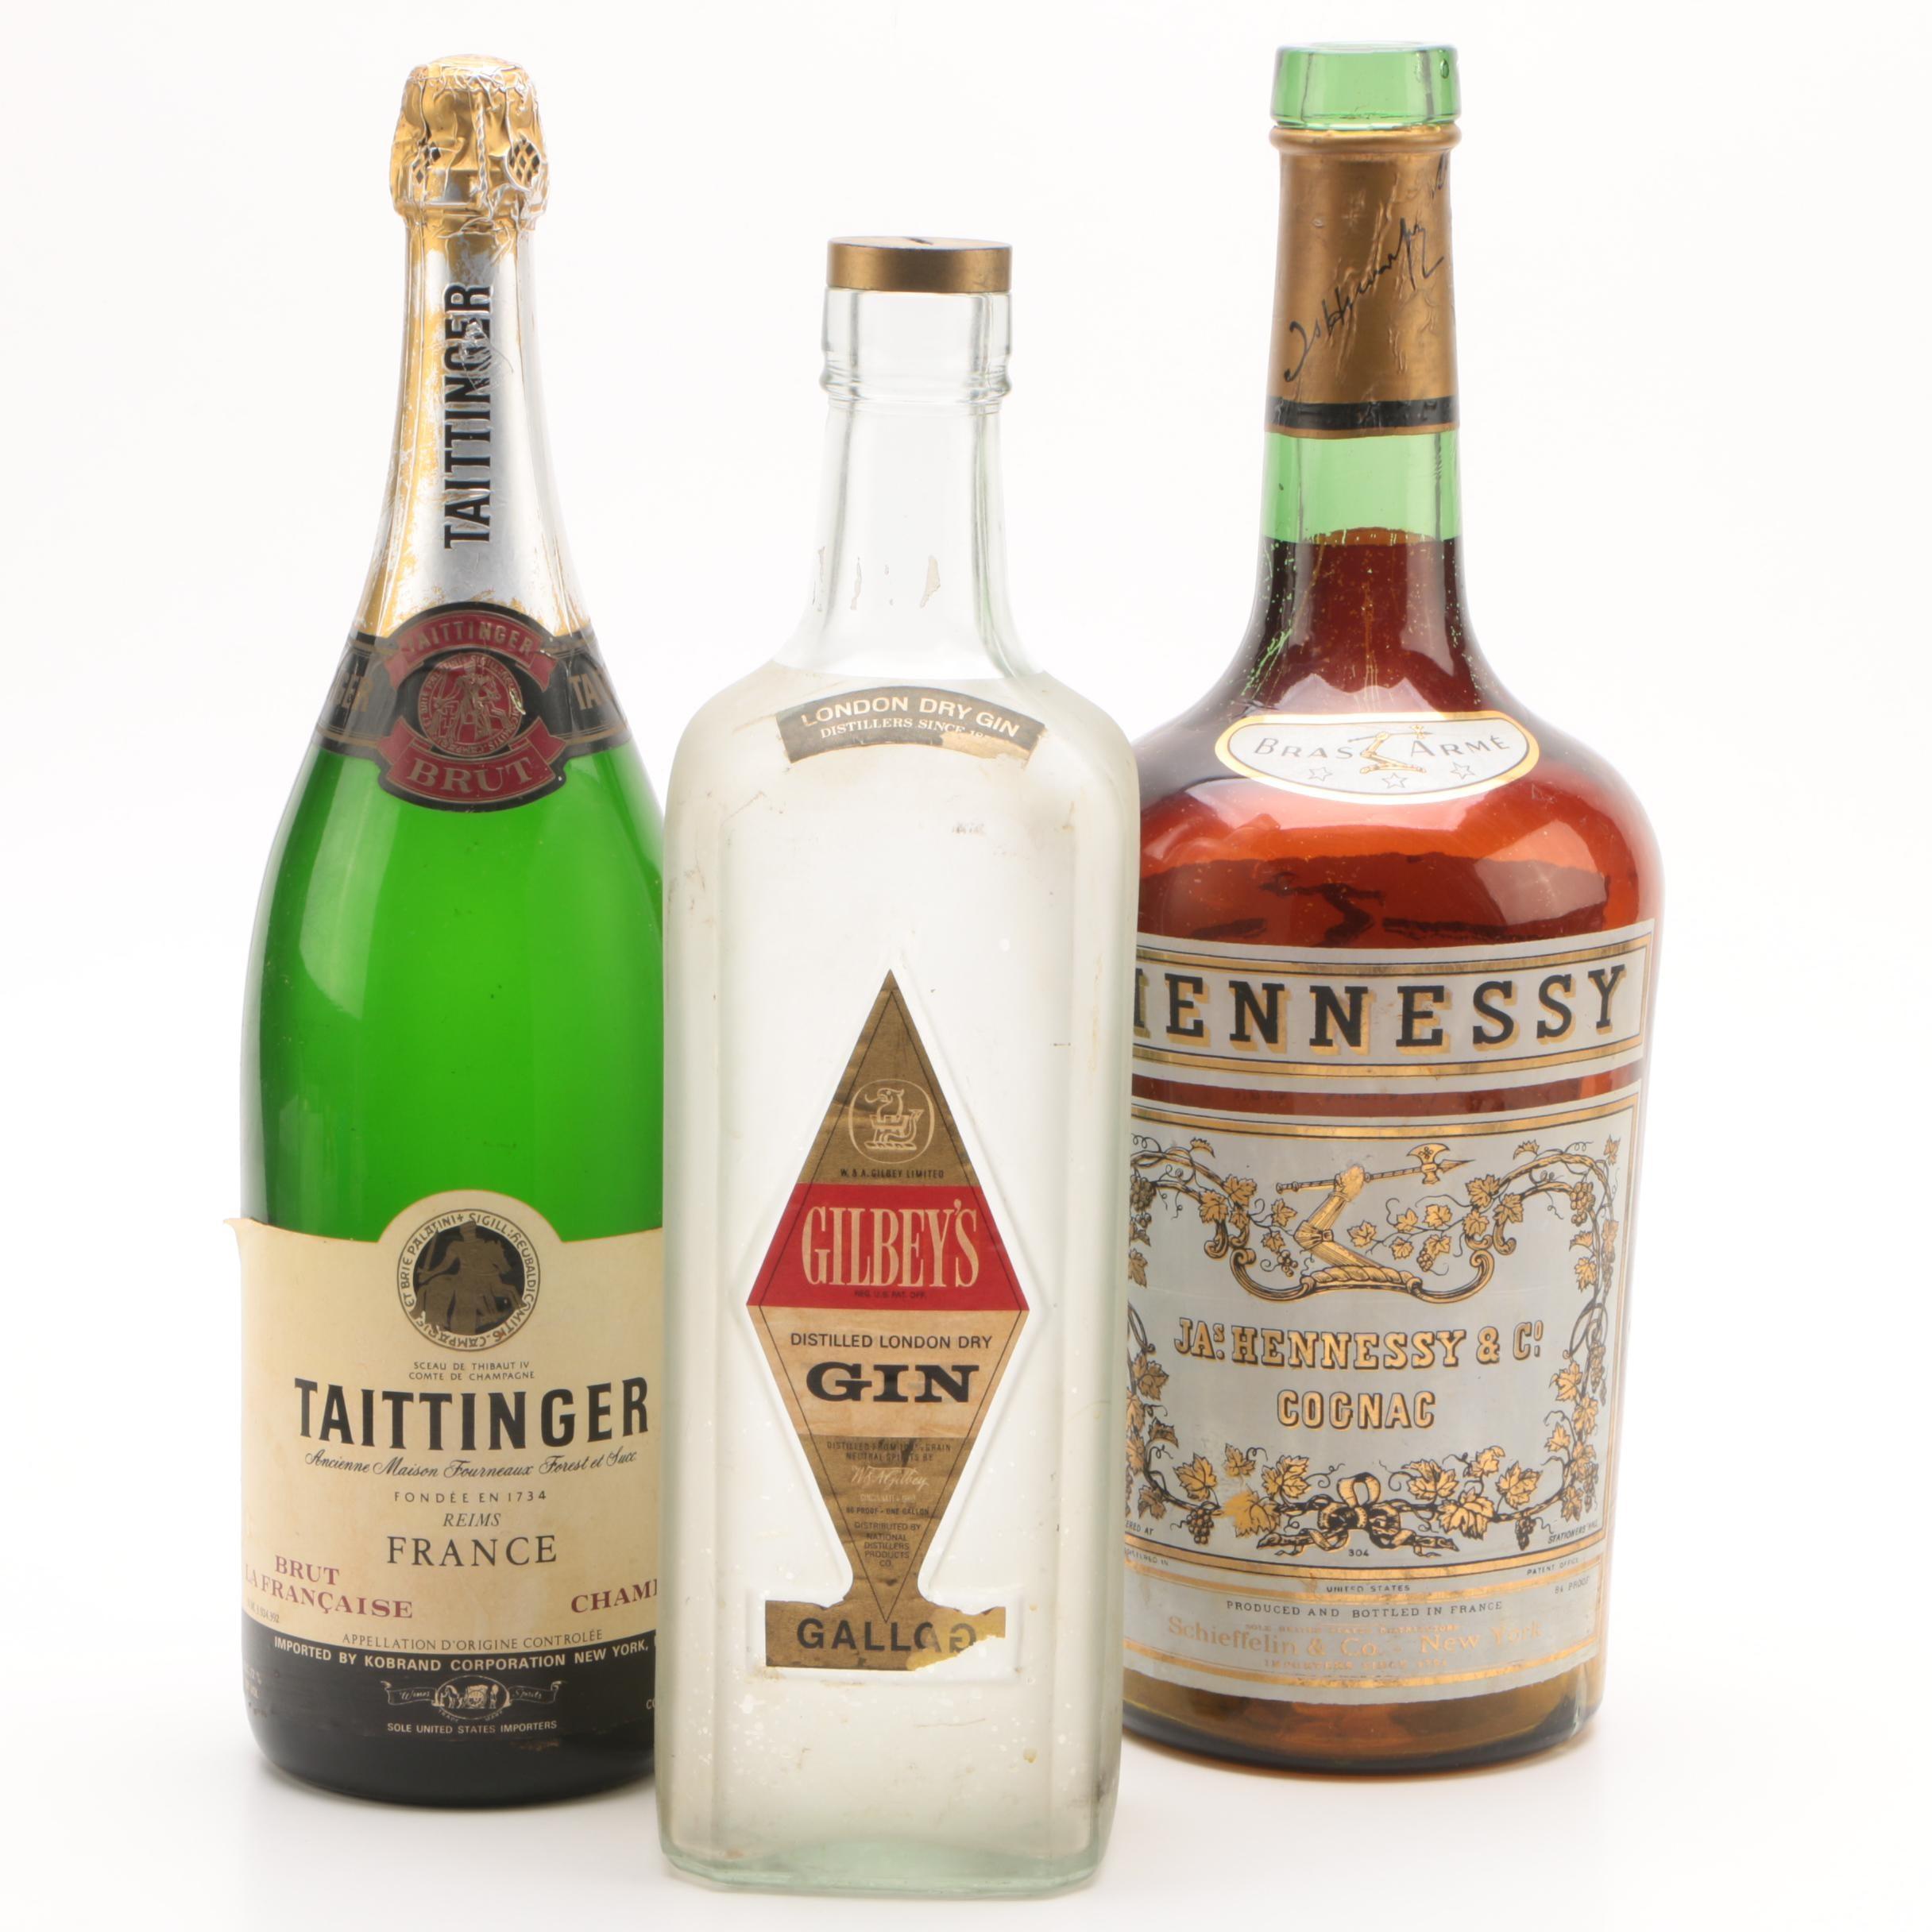 Oversized Champagne and Liquor Advertising Bottles